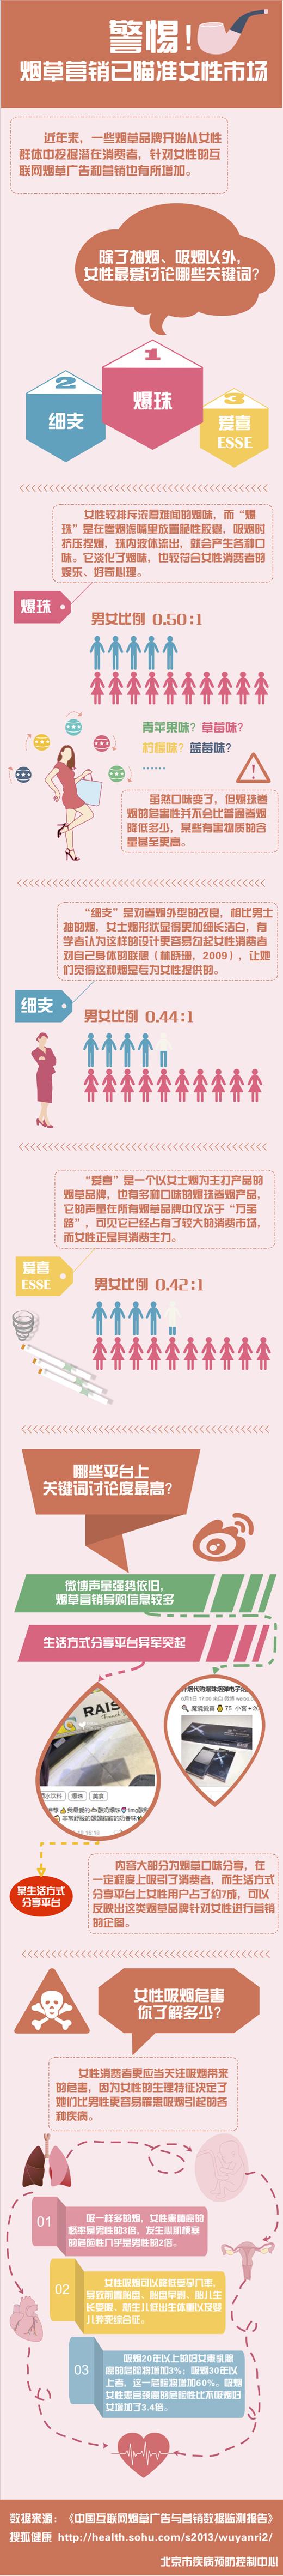 烟草广告渲染万宝路与爱情间关系?疾控中心:青年